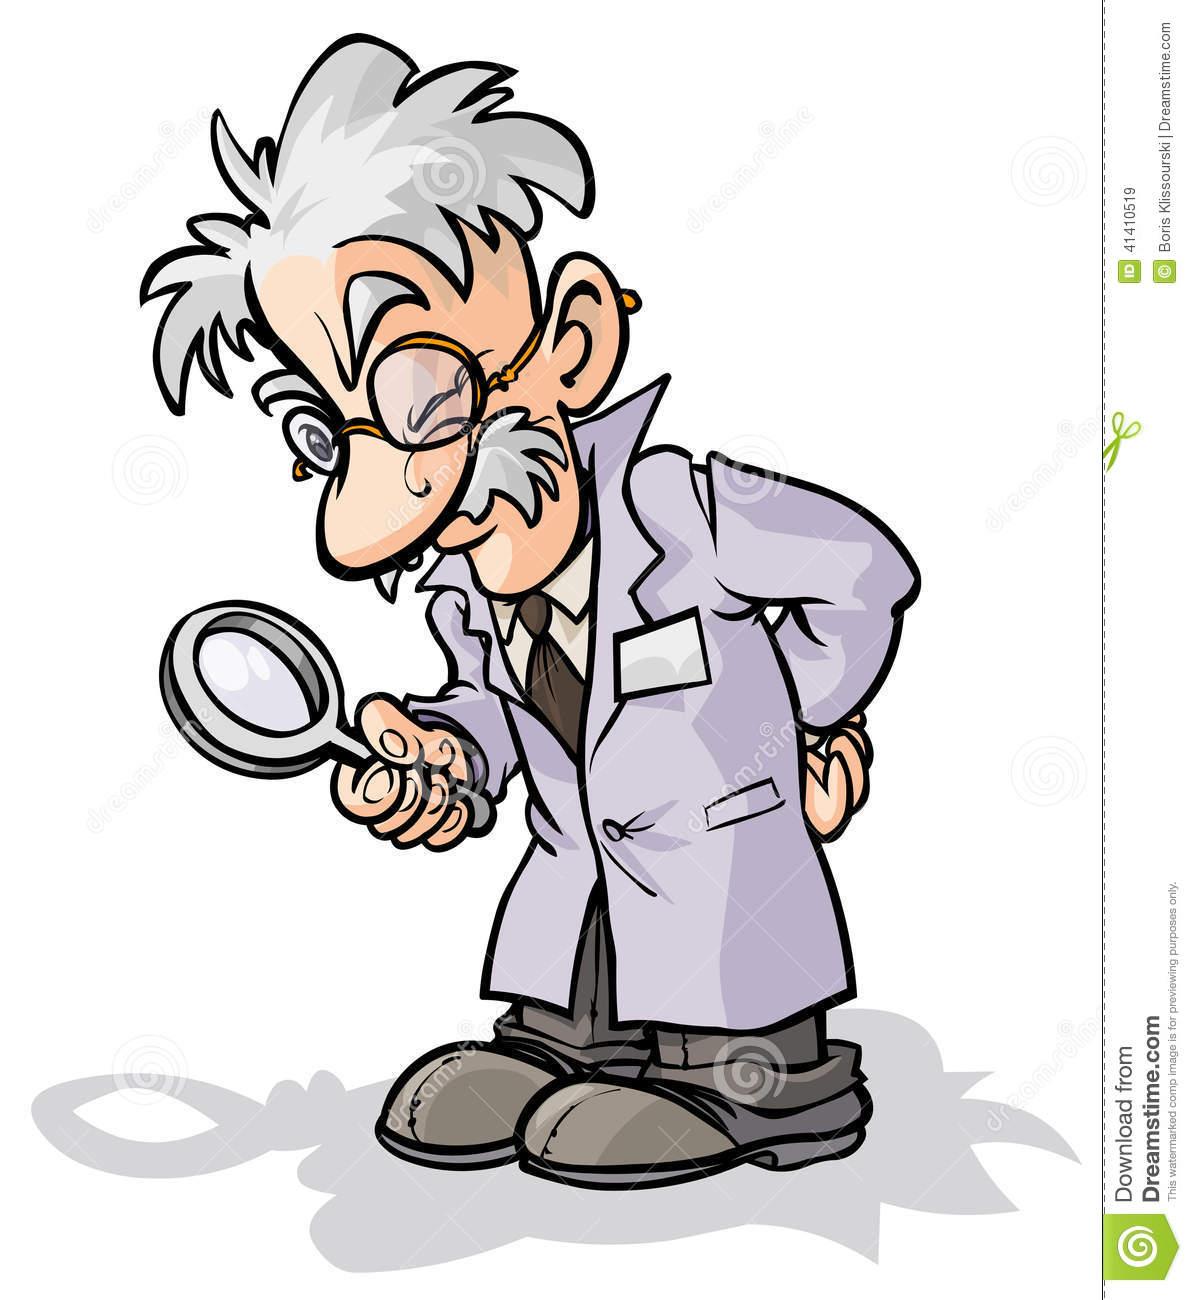 Mann mit lupe clipart image freeuse Wissenschaftler Mit Einer Lupe Vektor Abbildung - Bild: 41410519 image freeuse